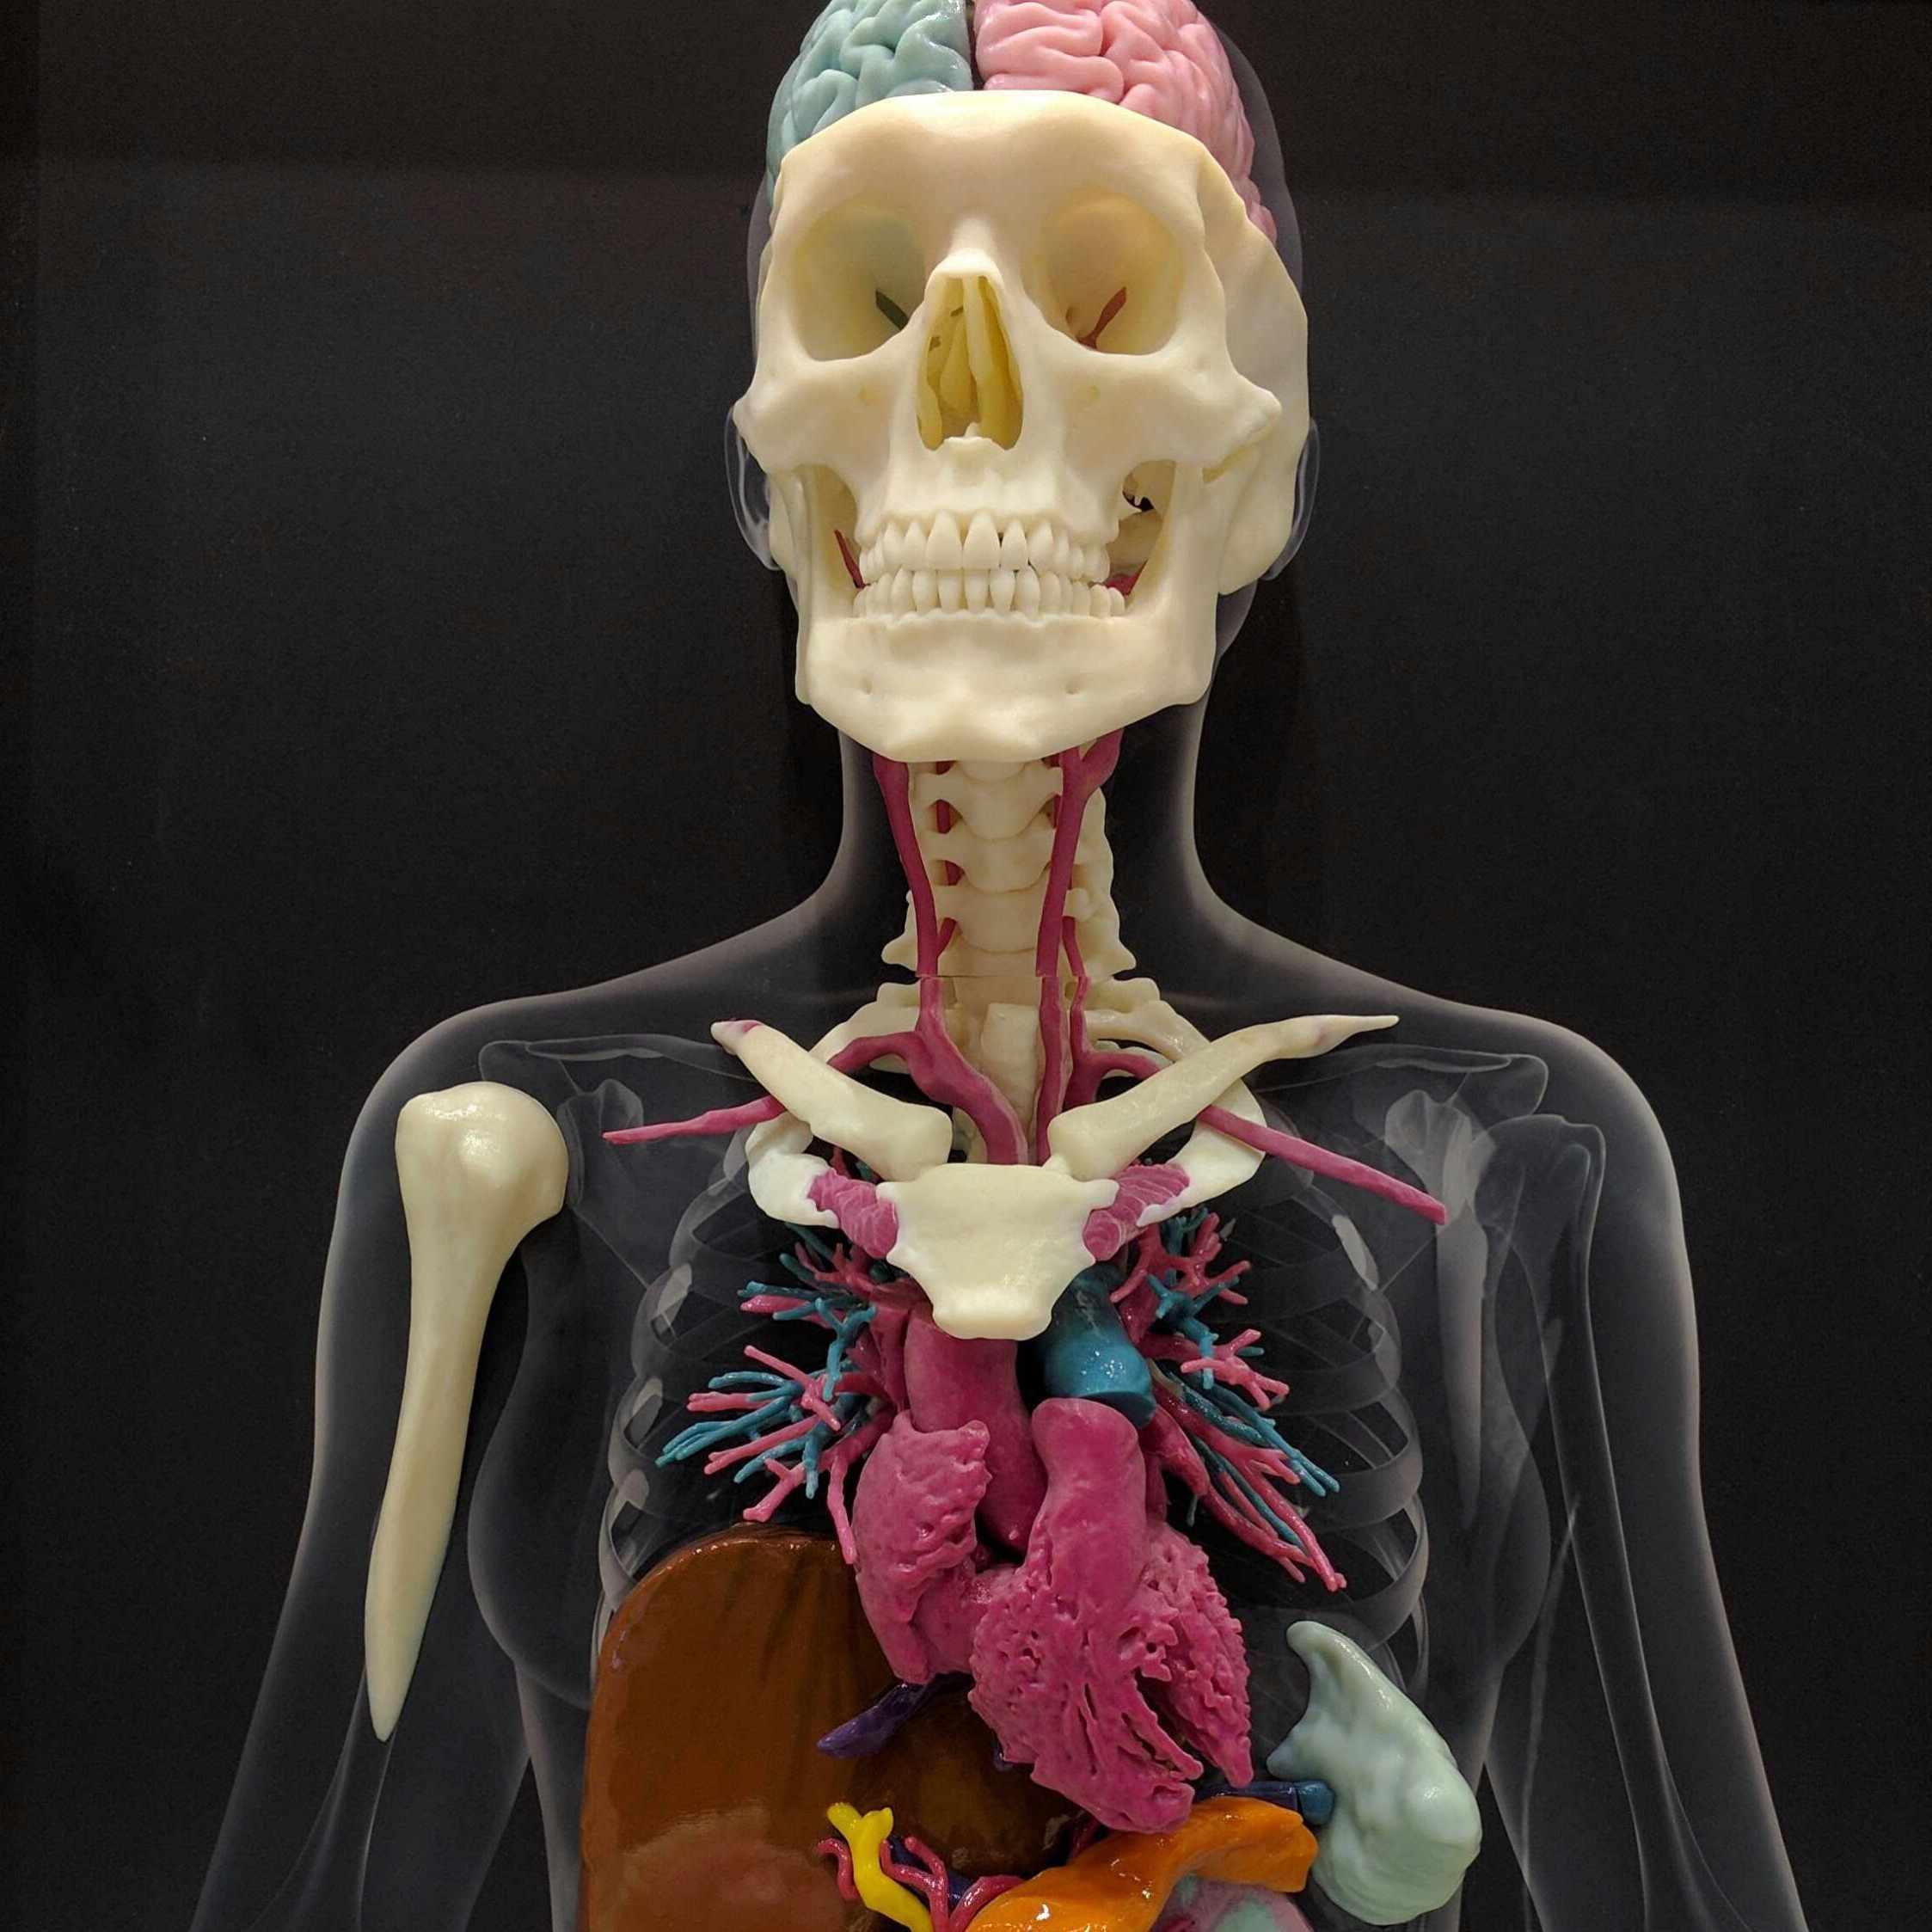 3d radiology model of human skeleton